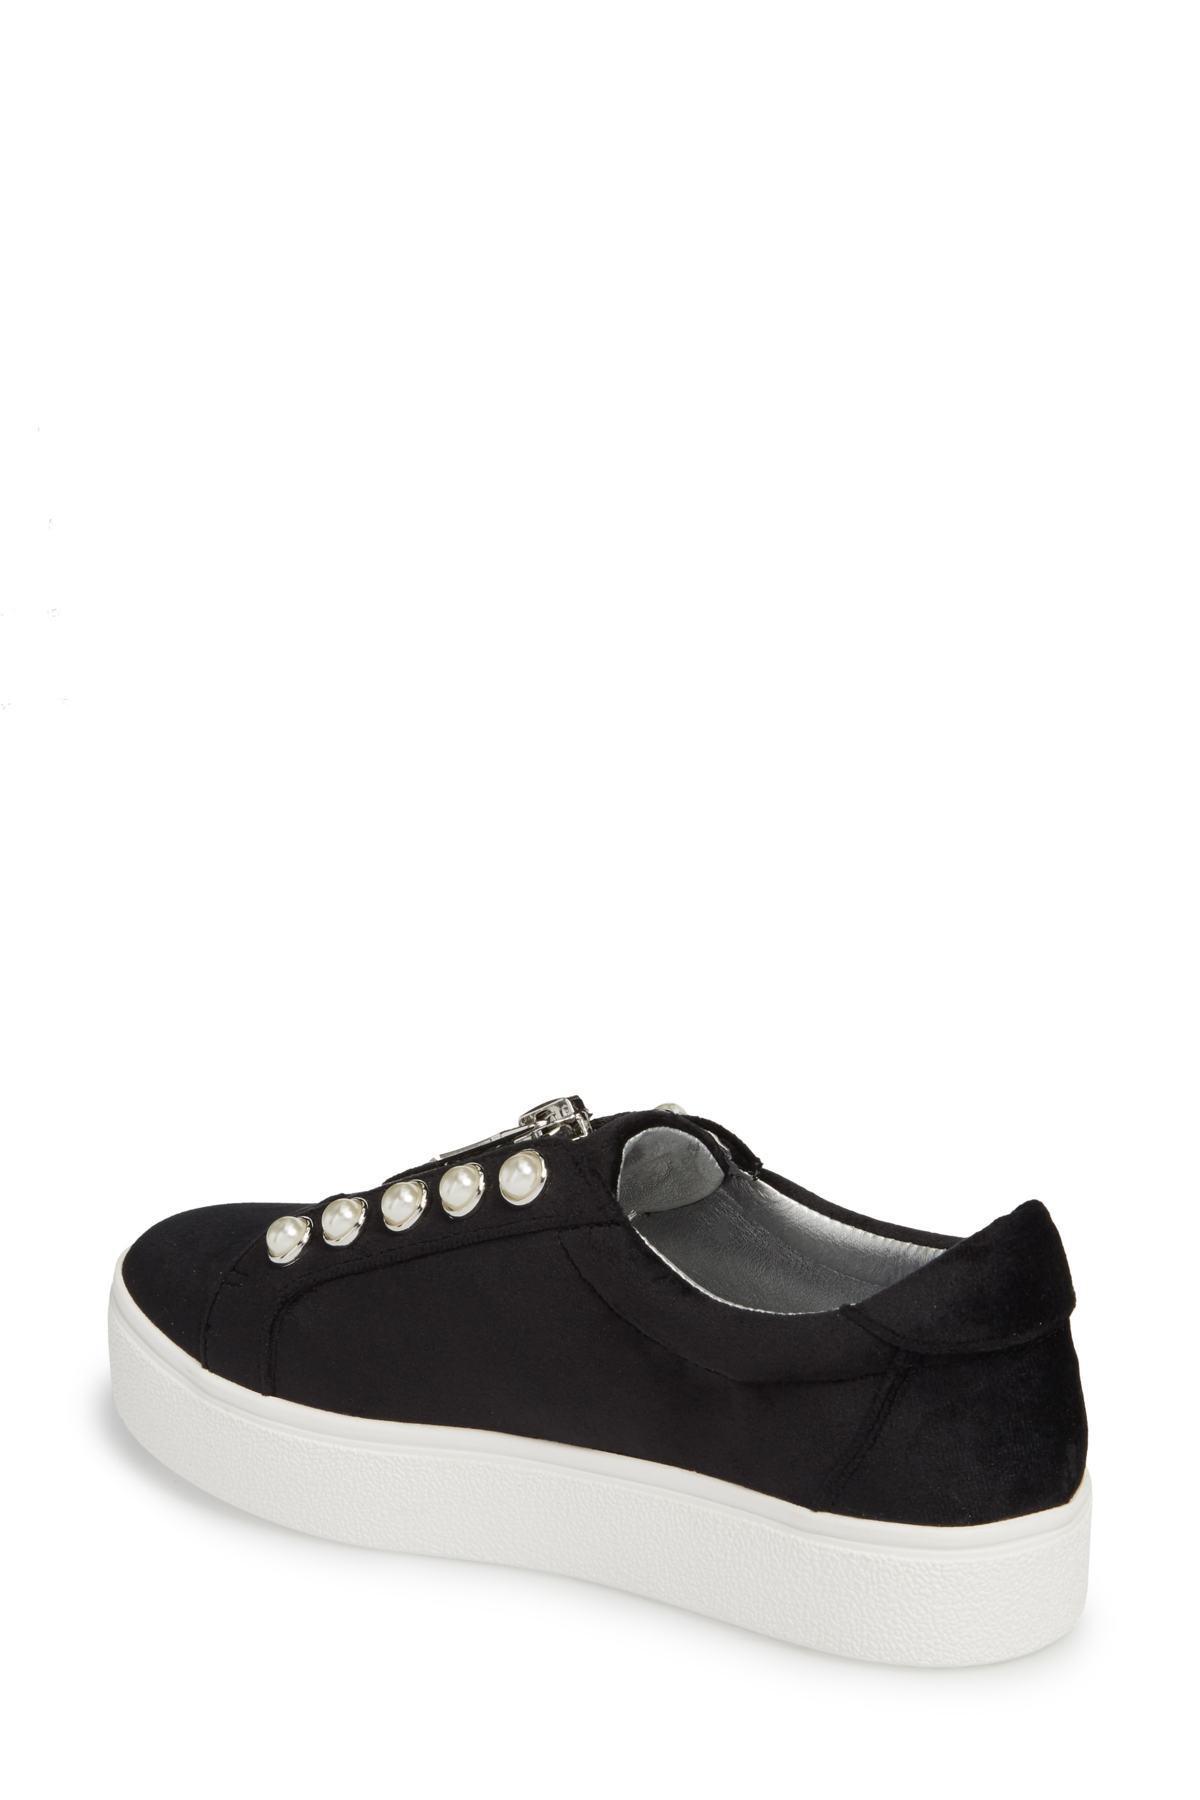 e79c4e69e63 Lyst - Steve Madden Lynn Embellished Platform Sneaker (women) in Black